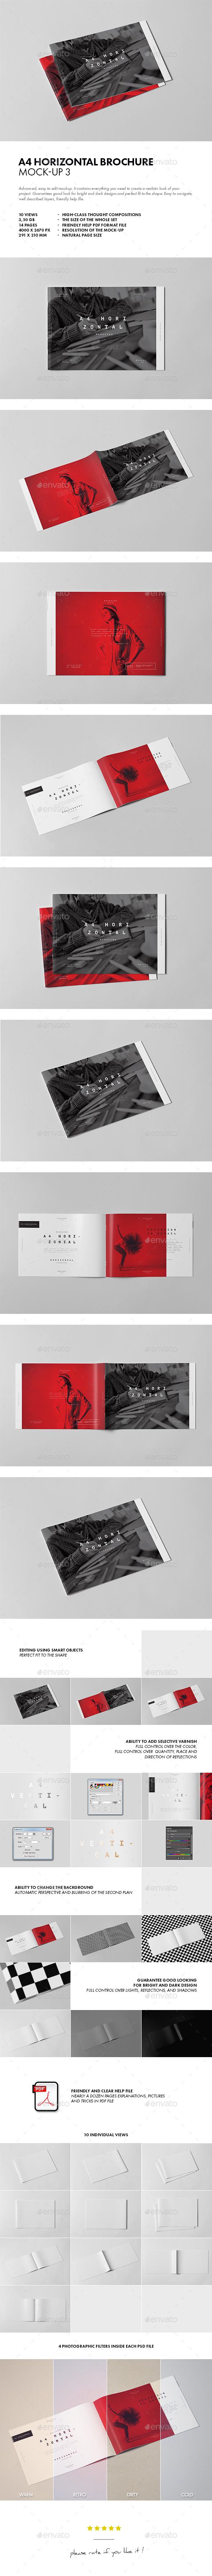 A4 Horiozontal Brochure Mock-up 3 - Brochures Print